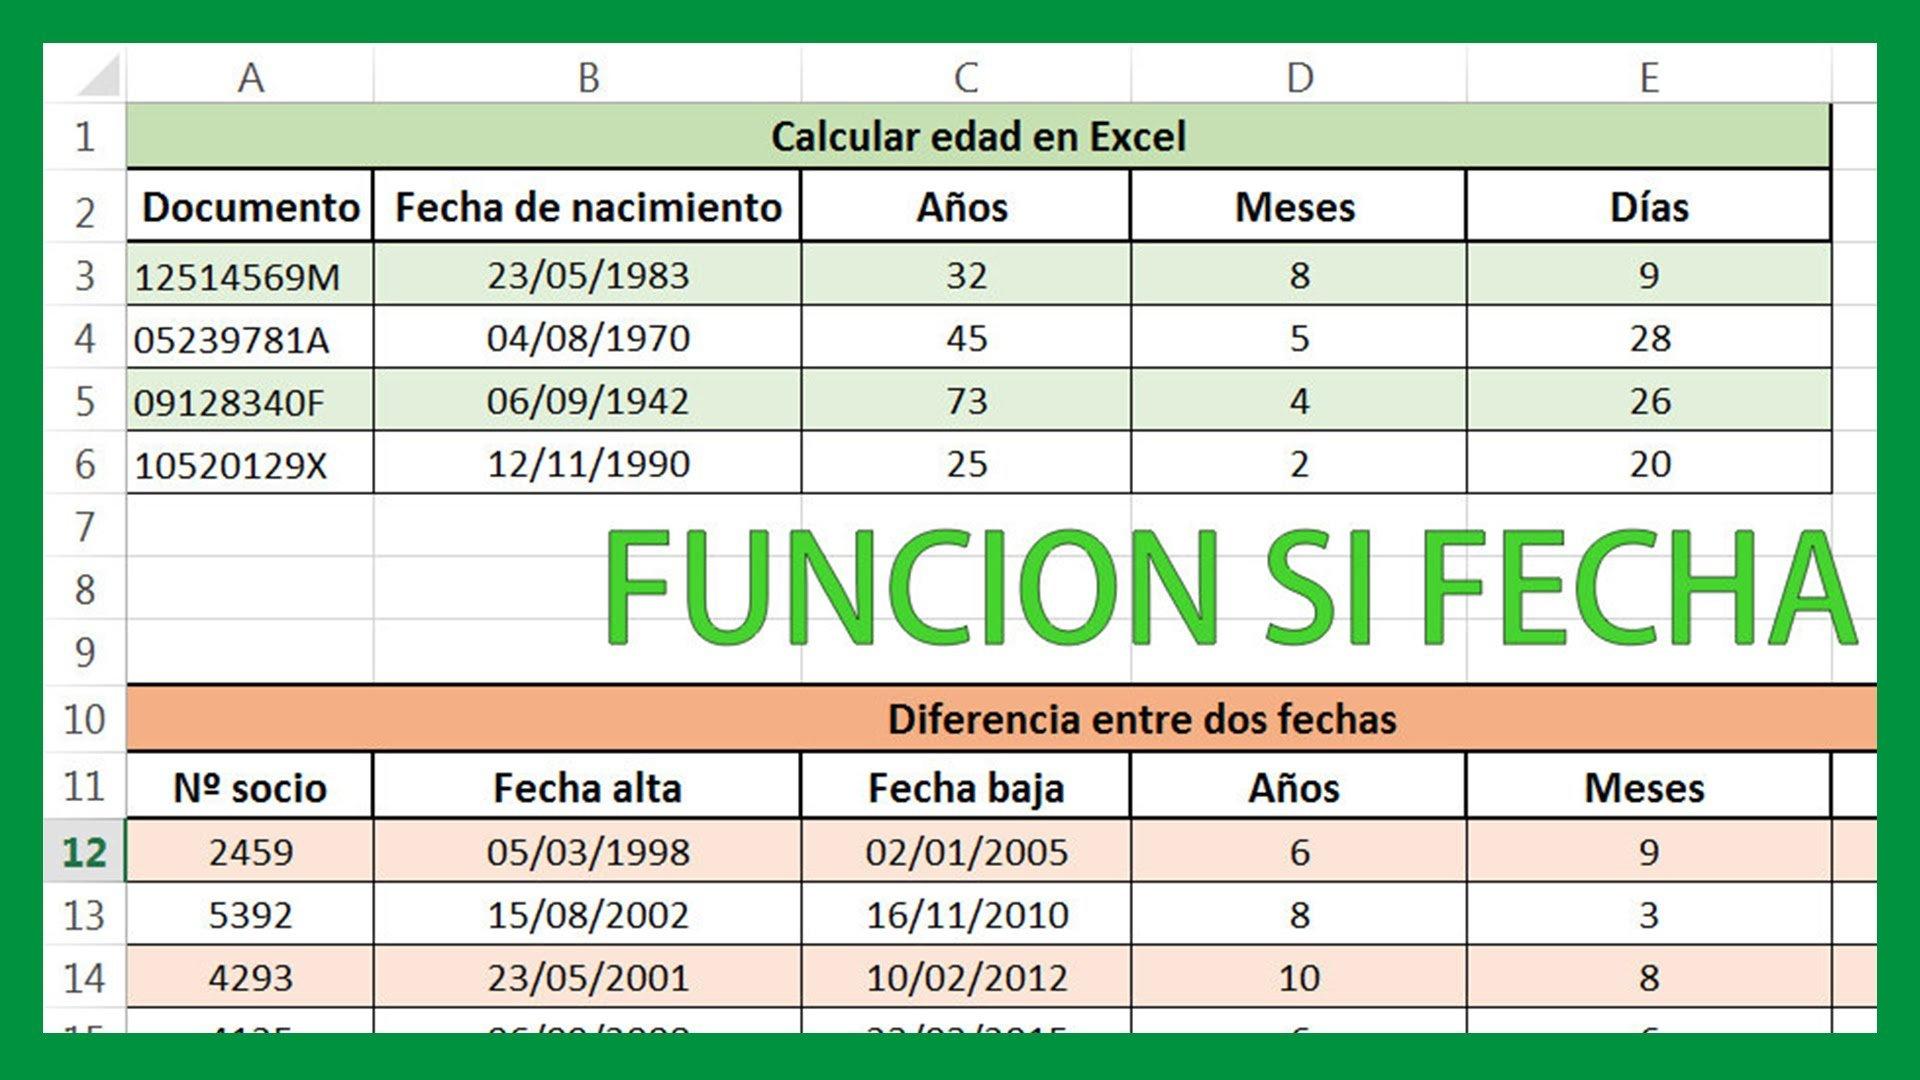 Excel Calcular Edad En Excel Calcular Diferencia Entre Fechas Saber Programas